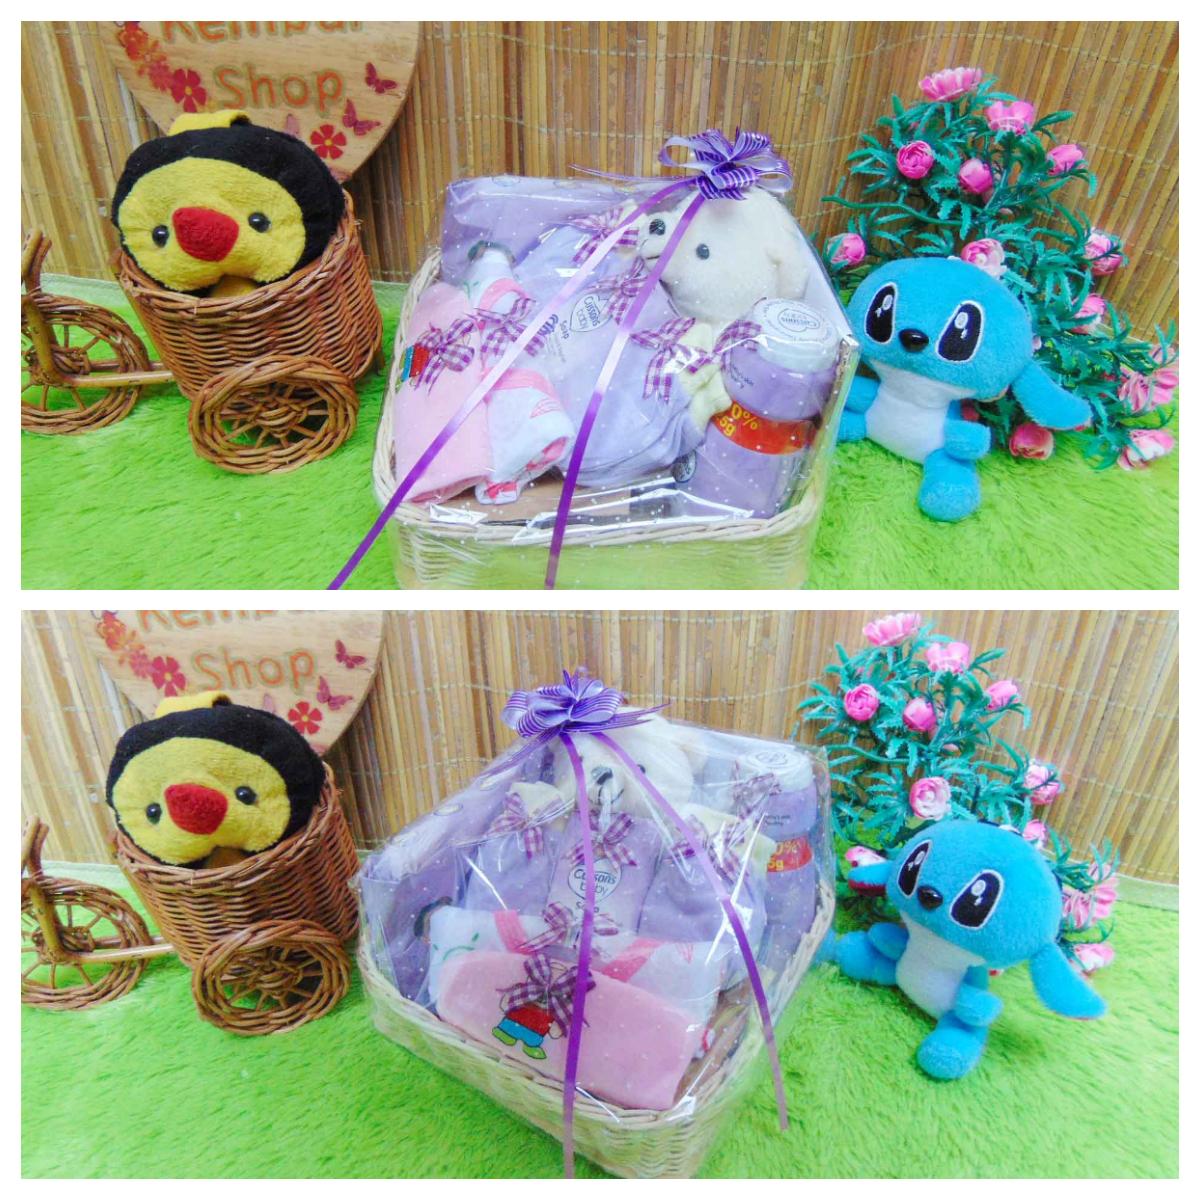 paket kado bayi baby gift kado lahiran parcel bayi parsel kado bayi keranjang wipes spesial Teddy Bear imut (3)